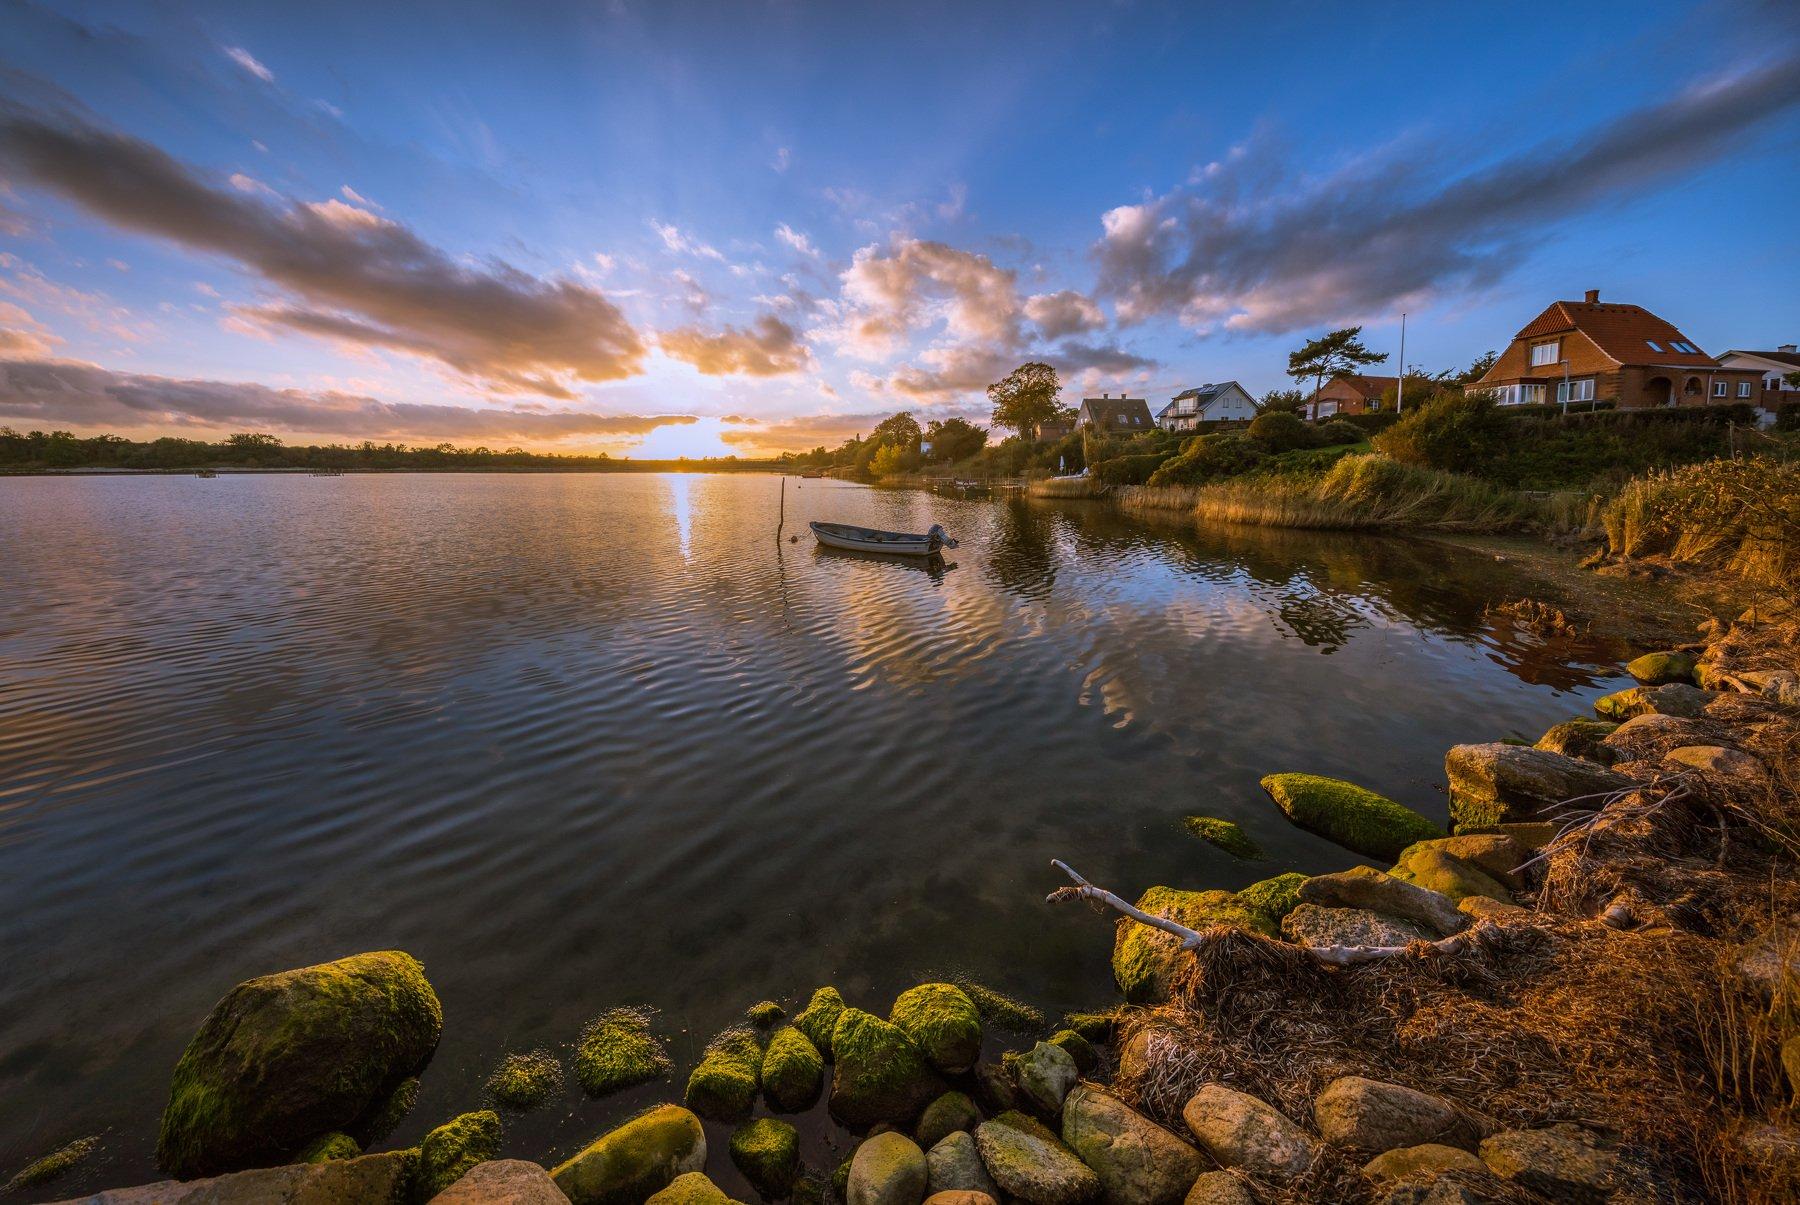 дания, остров, море, берег, лодка, солнце, закат,, Marat Max (Марат Макс)